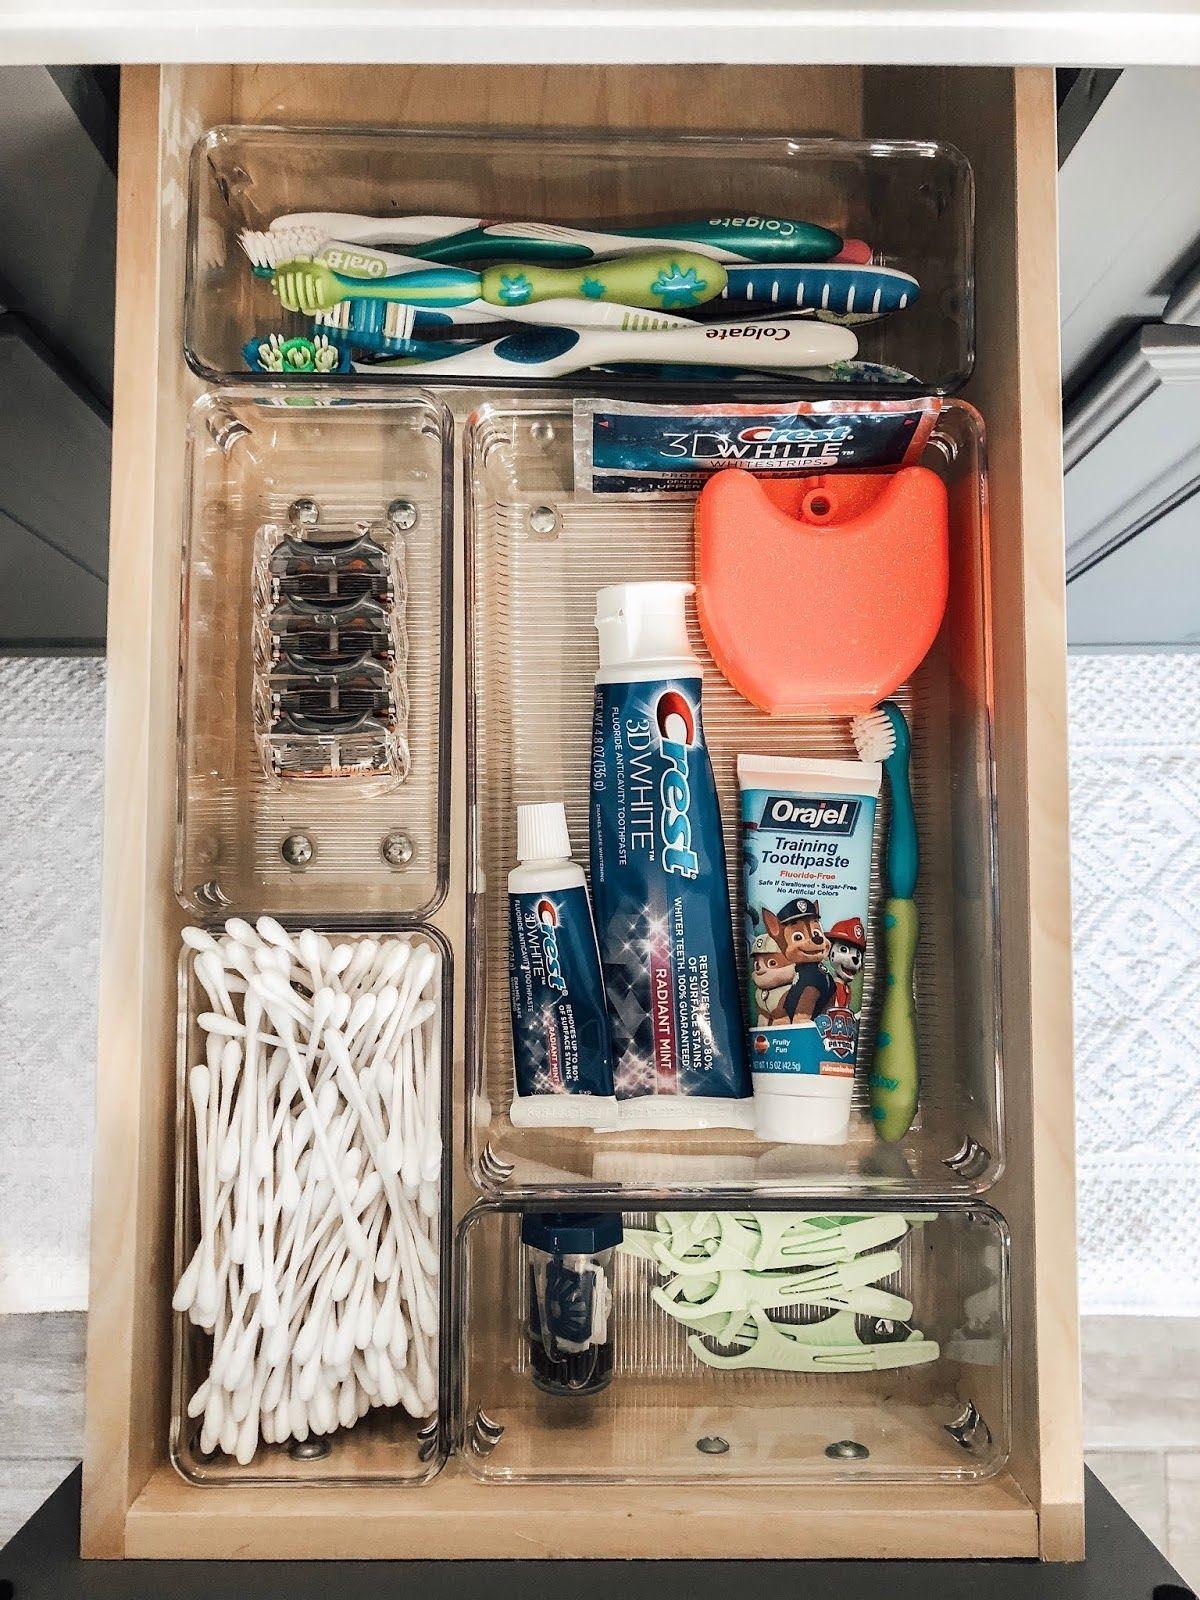 Enchanting Bathroom Storage Ideas For Your Organization31